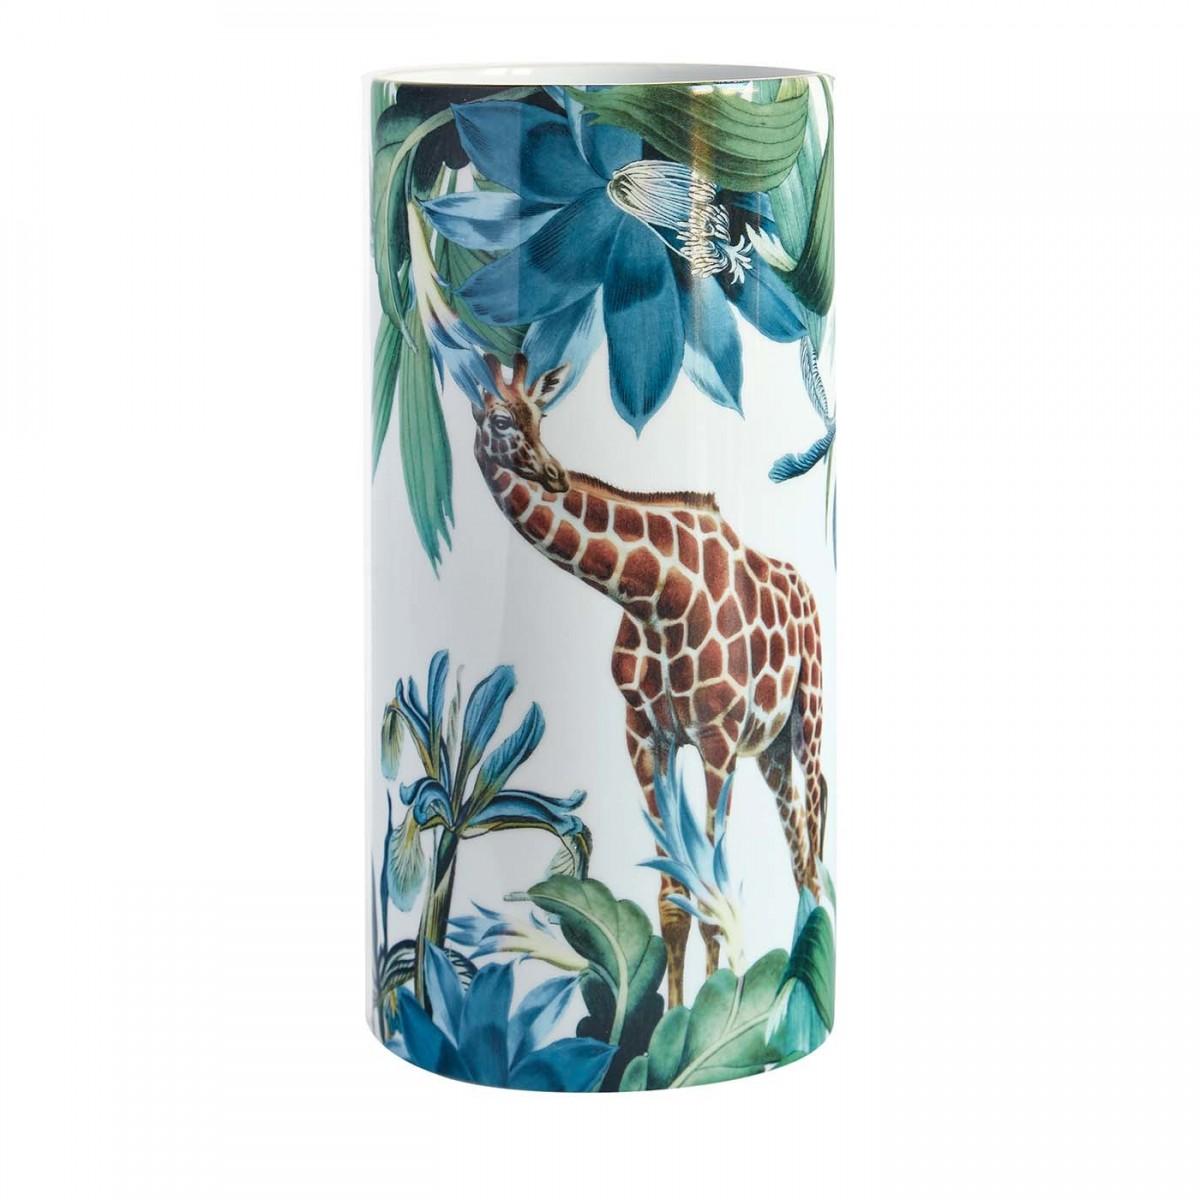 Animal Themed Porcelain Vase